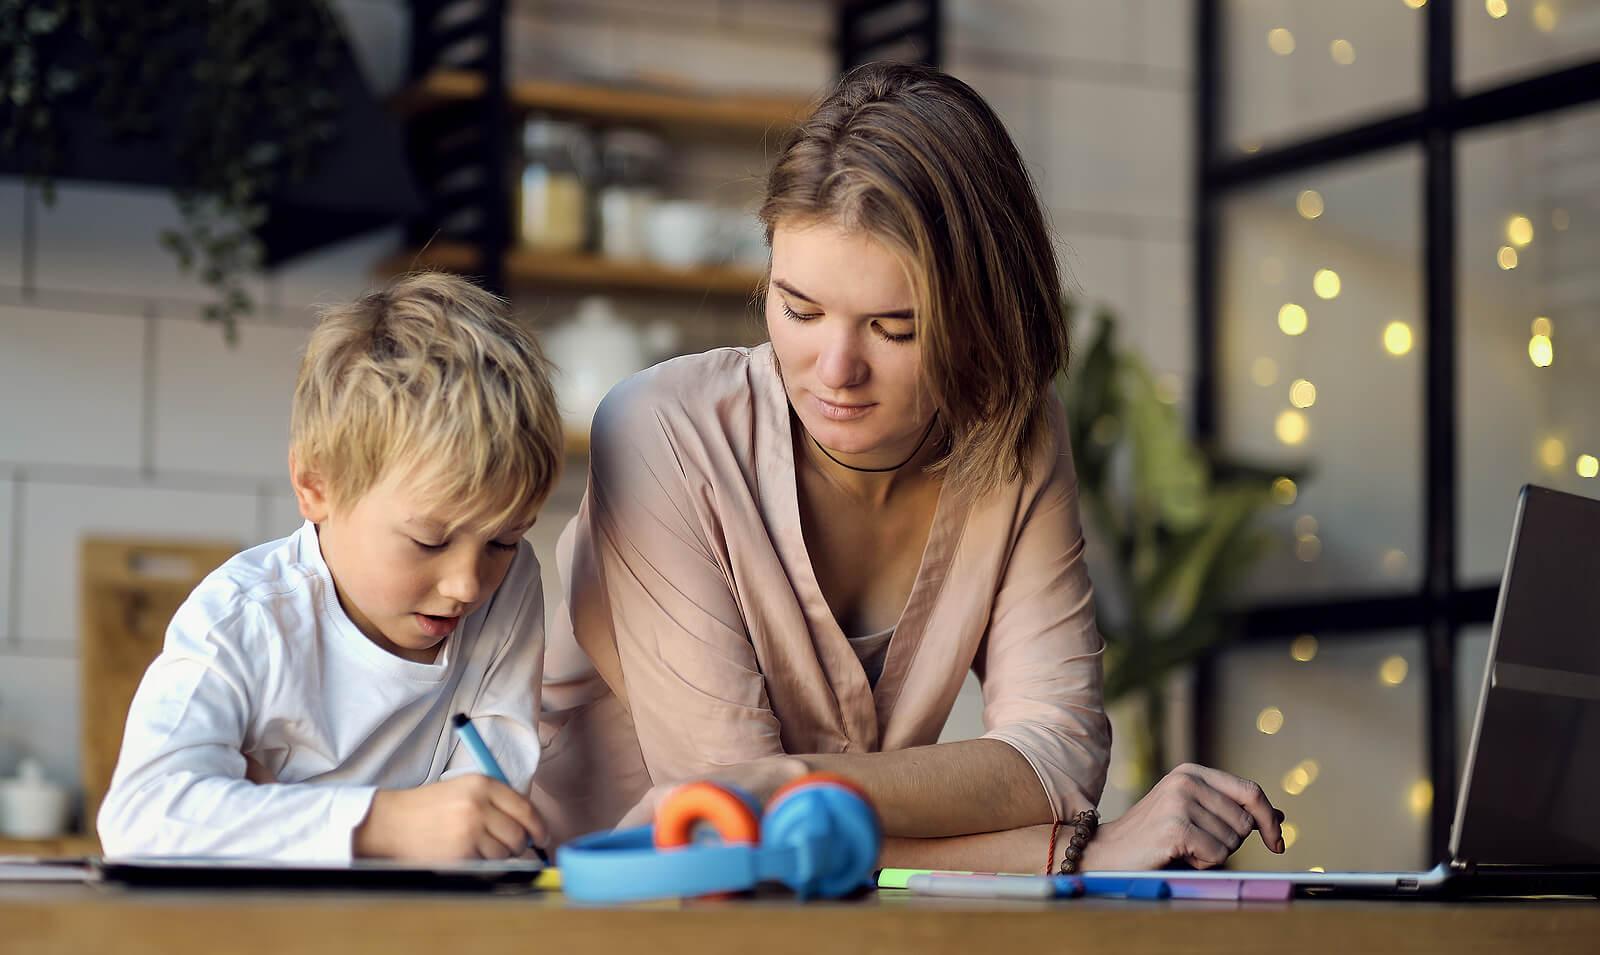 Mère aidant son fils avec des problèmes de concentration à étudier.